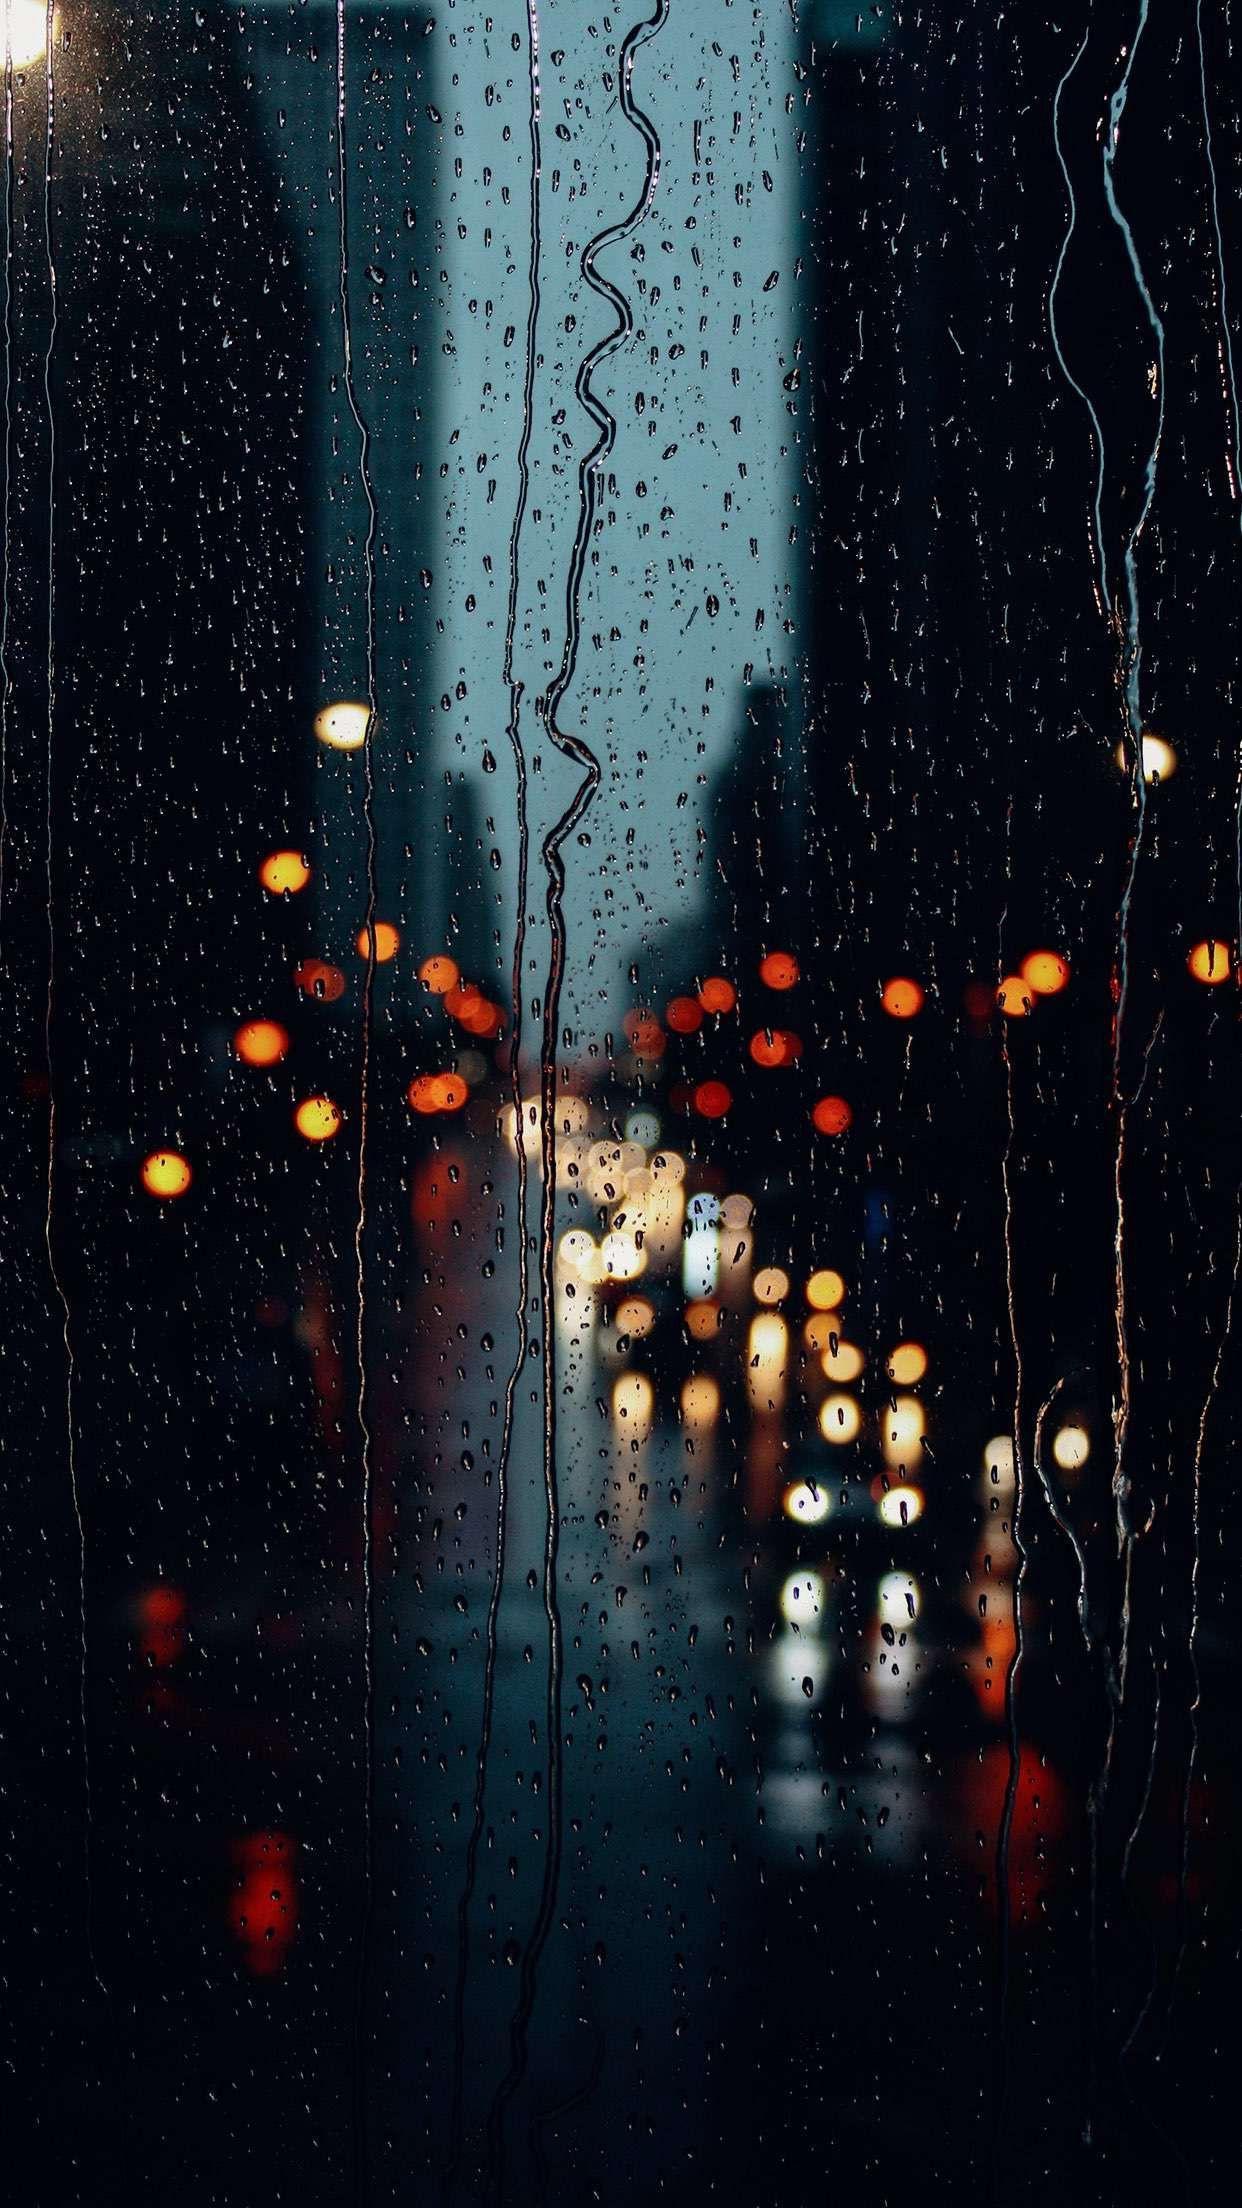 عکس زمینه بارون پشت پنجره شب پس زمینه